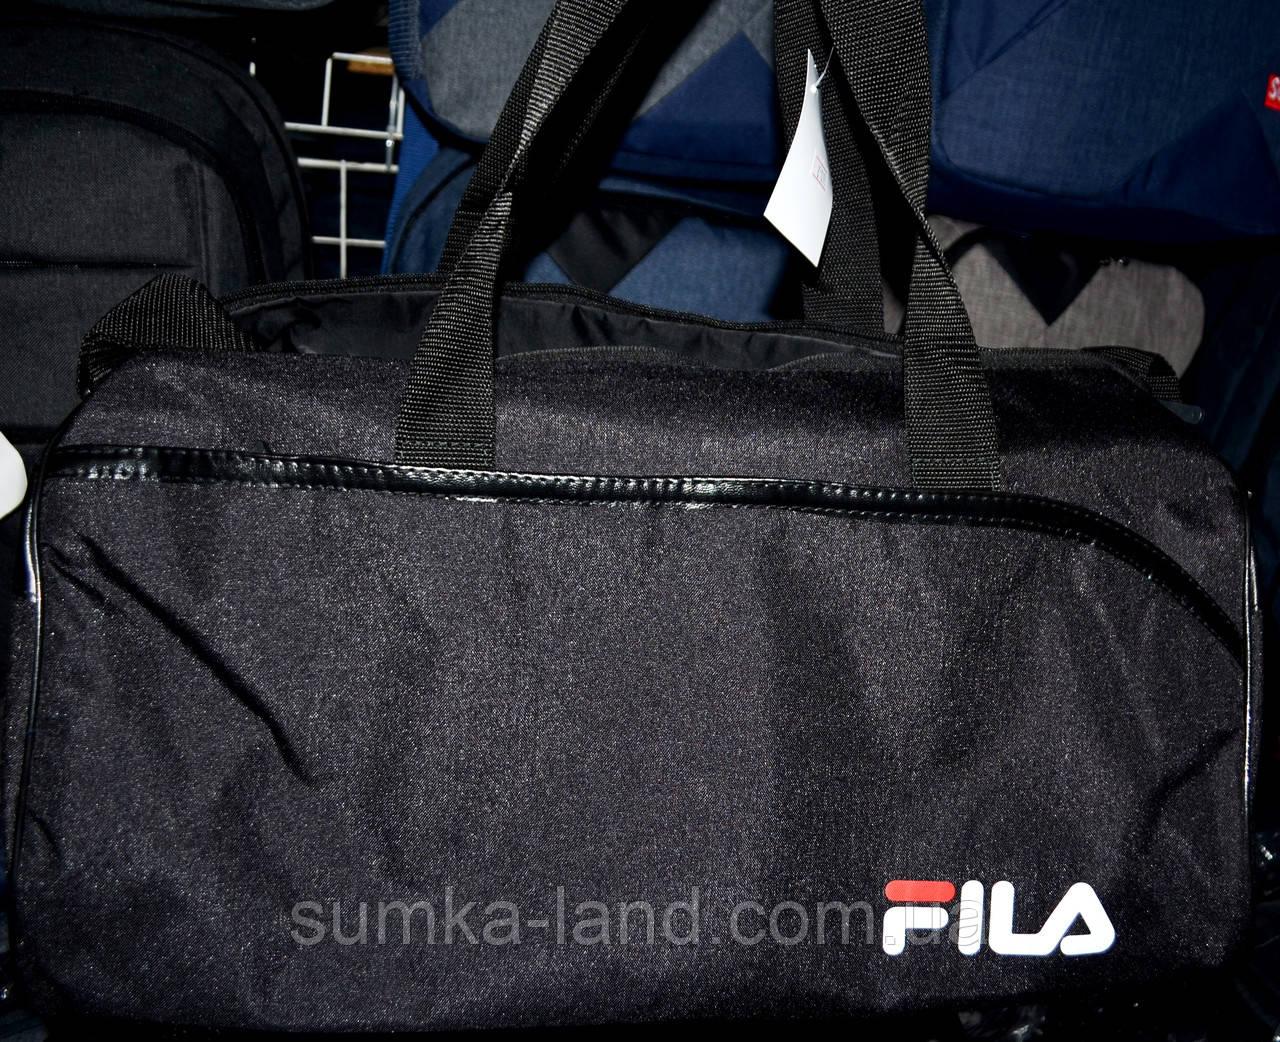 Жіноча чорна сумка Бочка дорожня і міська, з відділенням для взуття 50*28 см, різні накатки